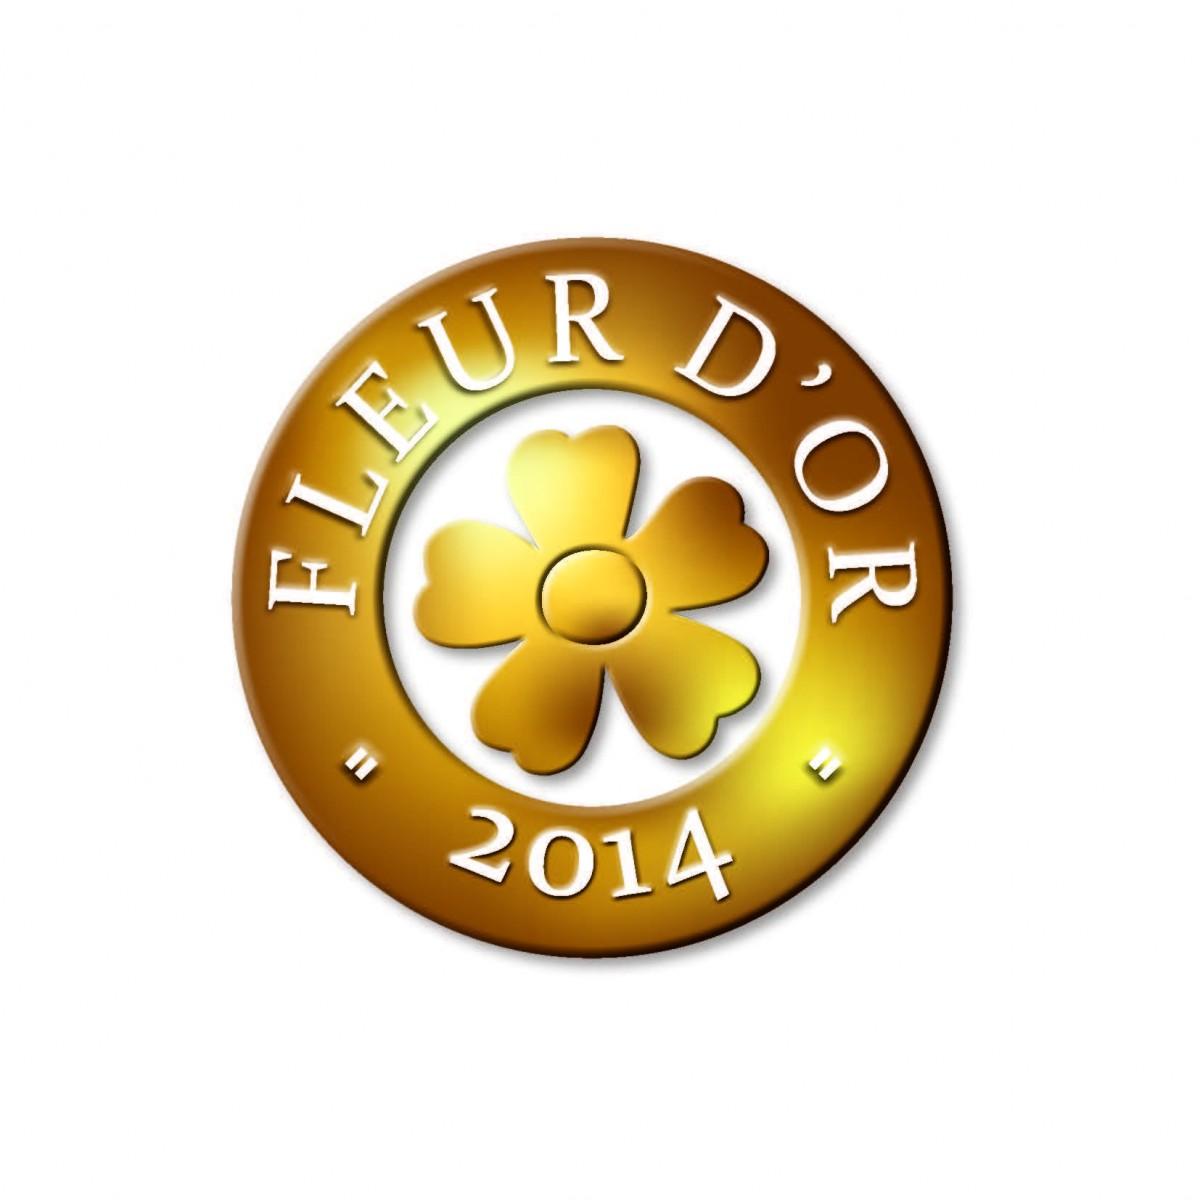 Logo Fleur d'Or 2014 obtenu par Saint-Jean-de-Monts